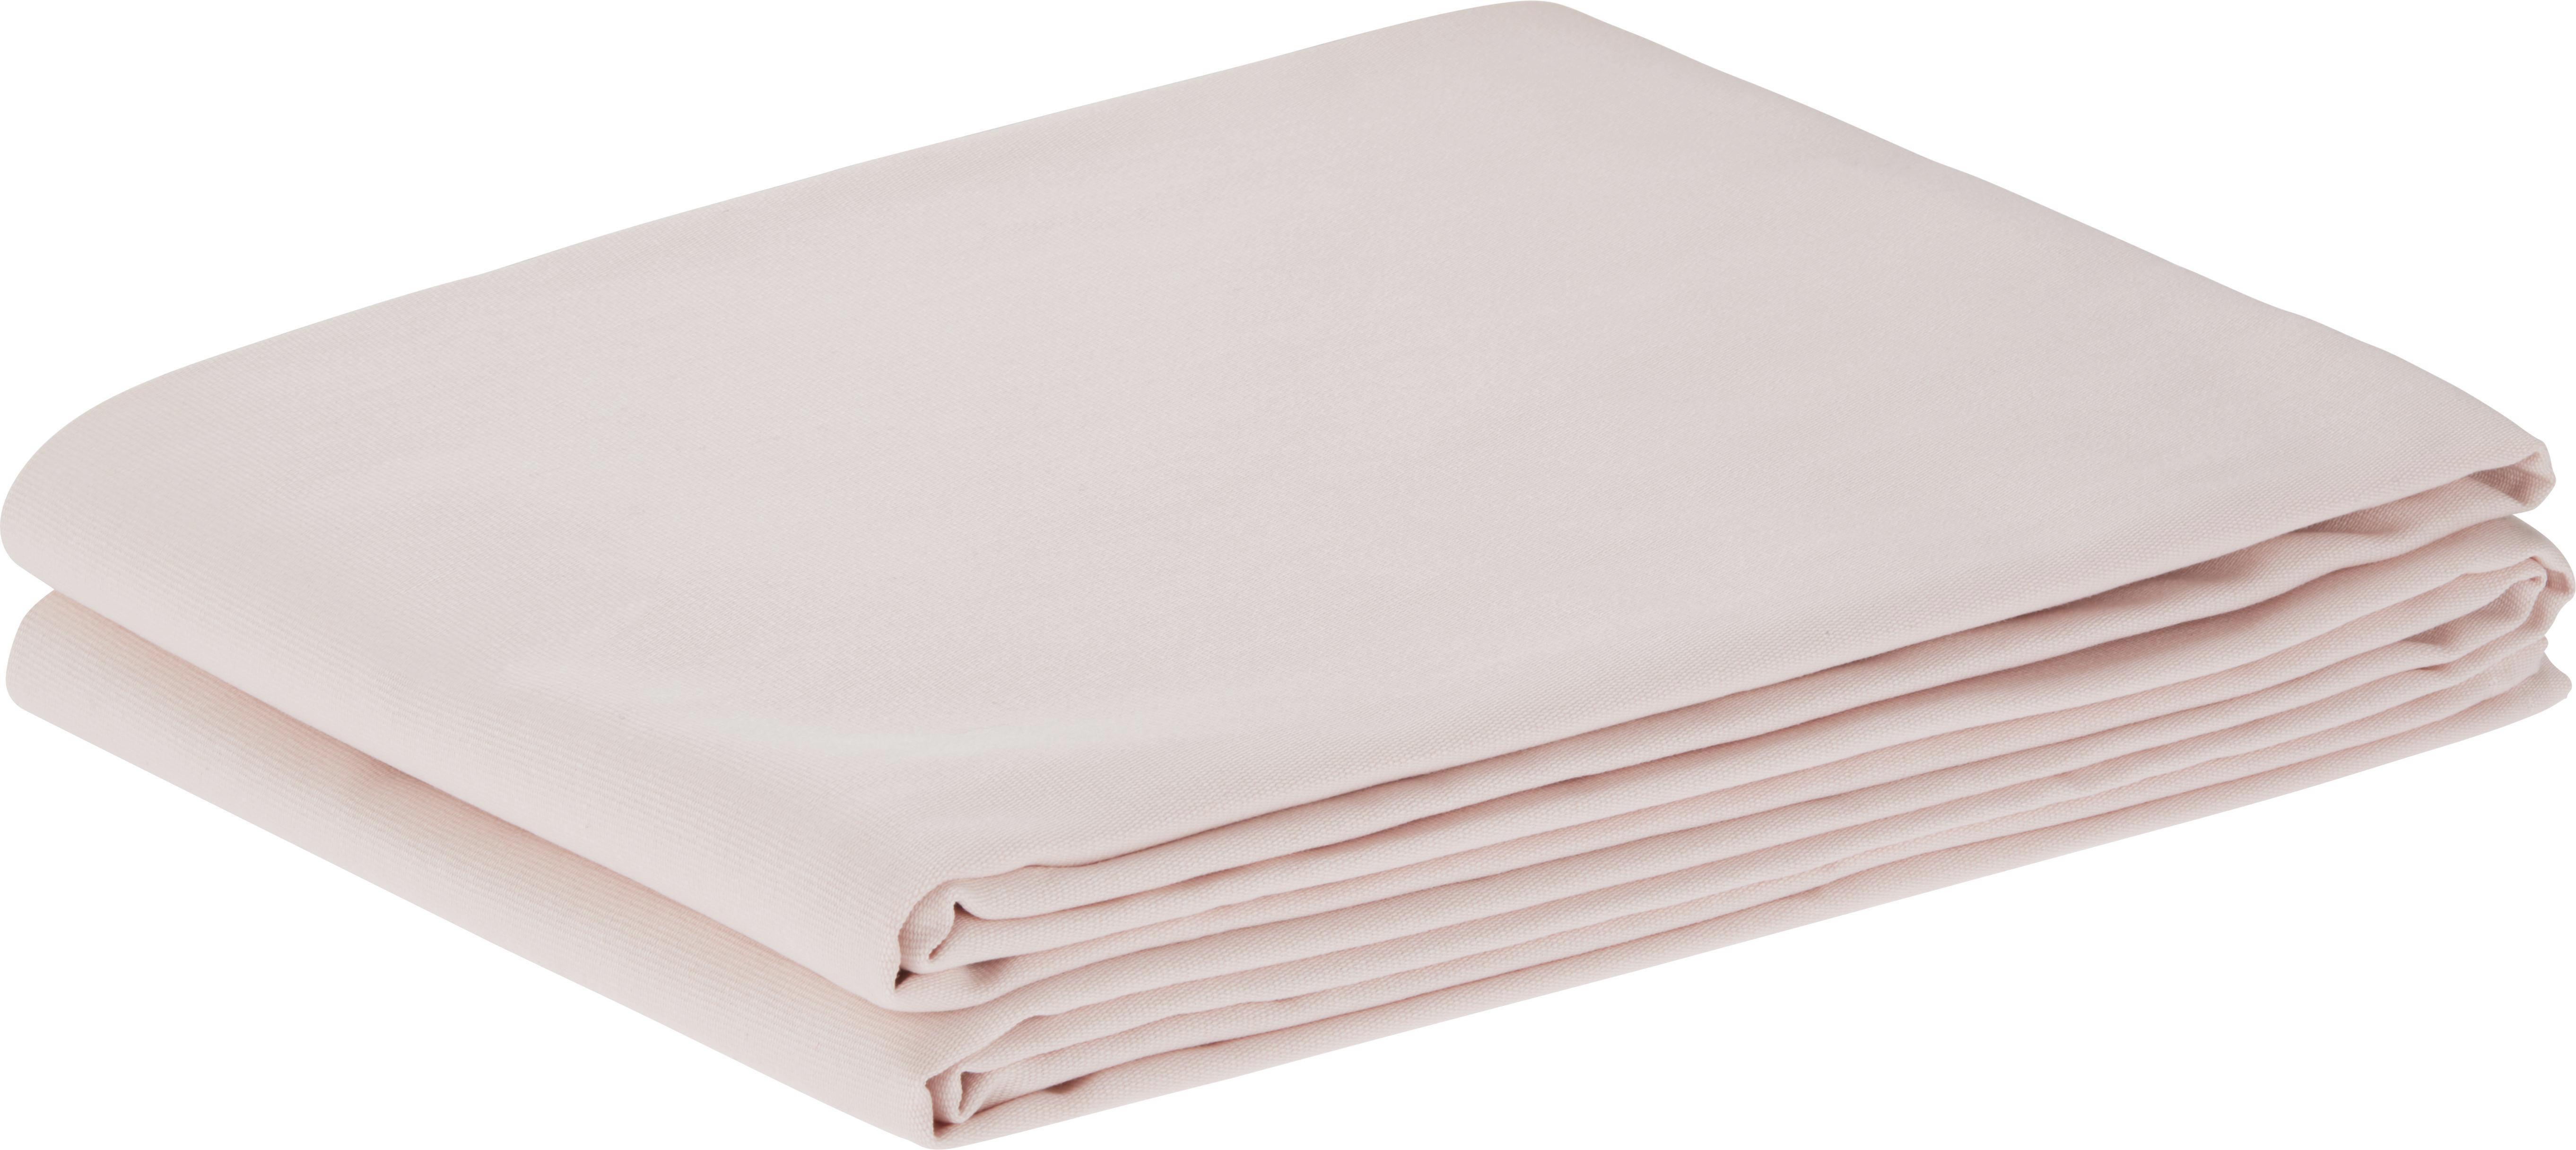 Prt Steffi - umazano roza, tekstil (140/260cm) - MÖMAX modern living